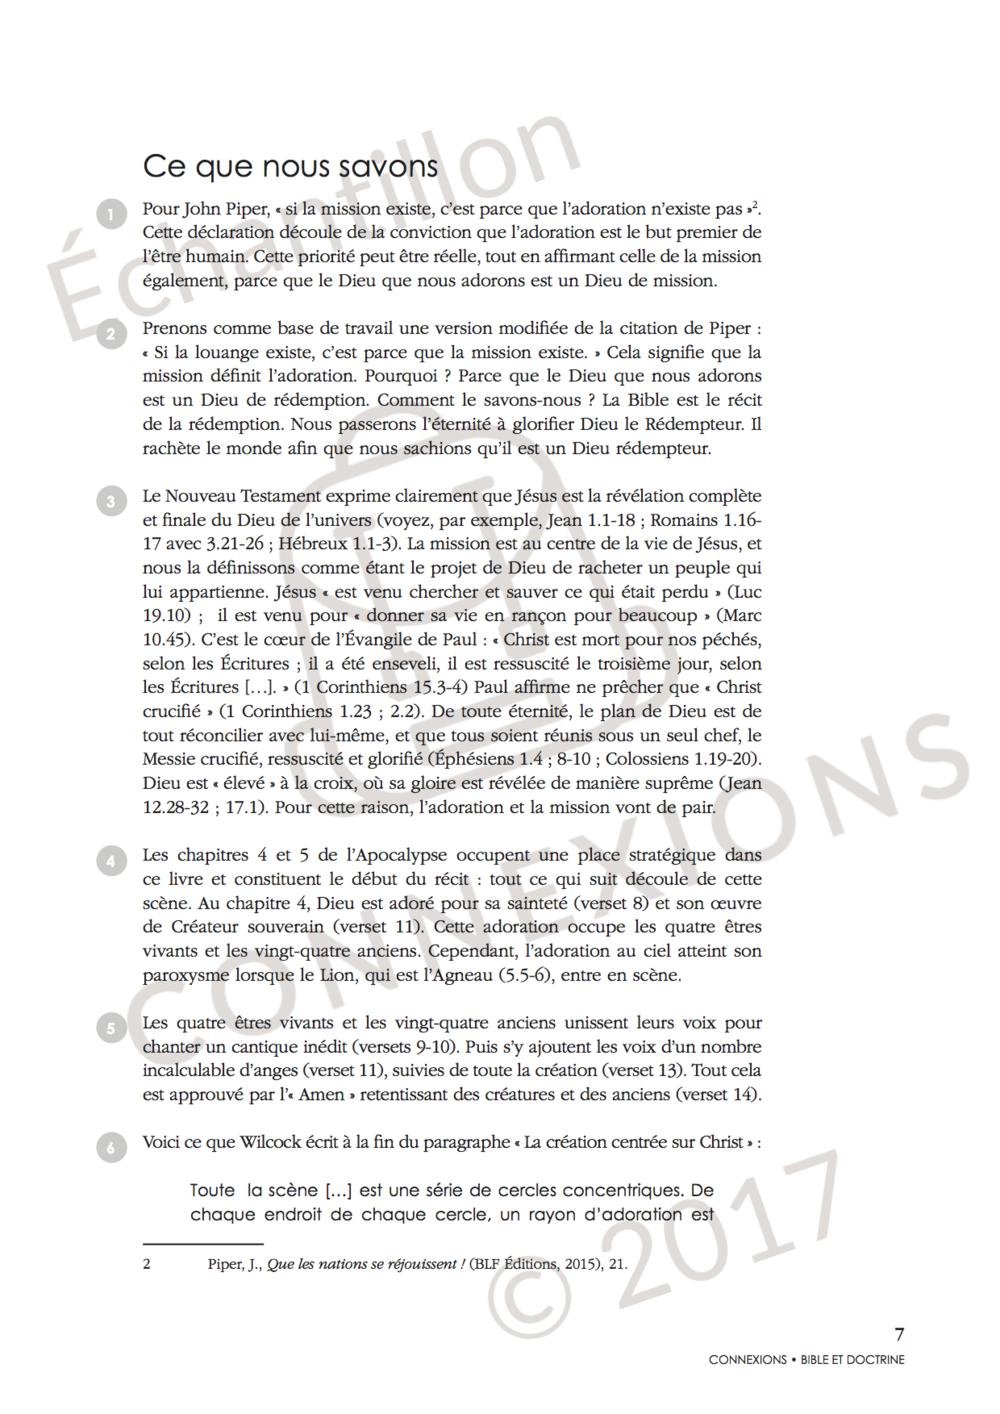 La visée missionnelle du récit biblique_sample_published.4.png